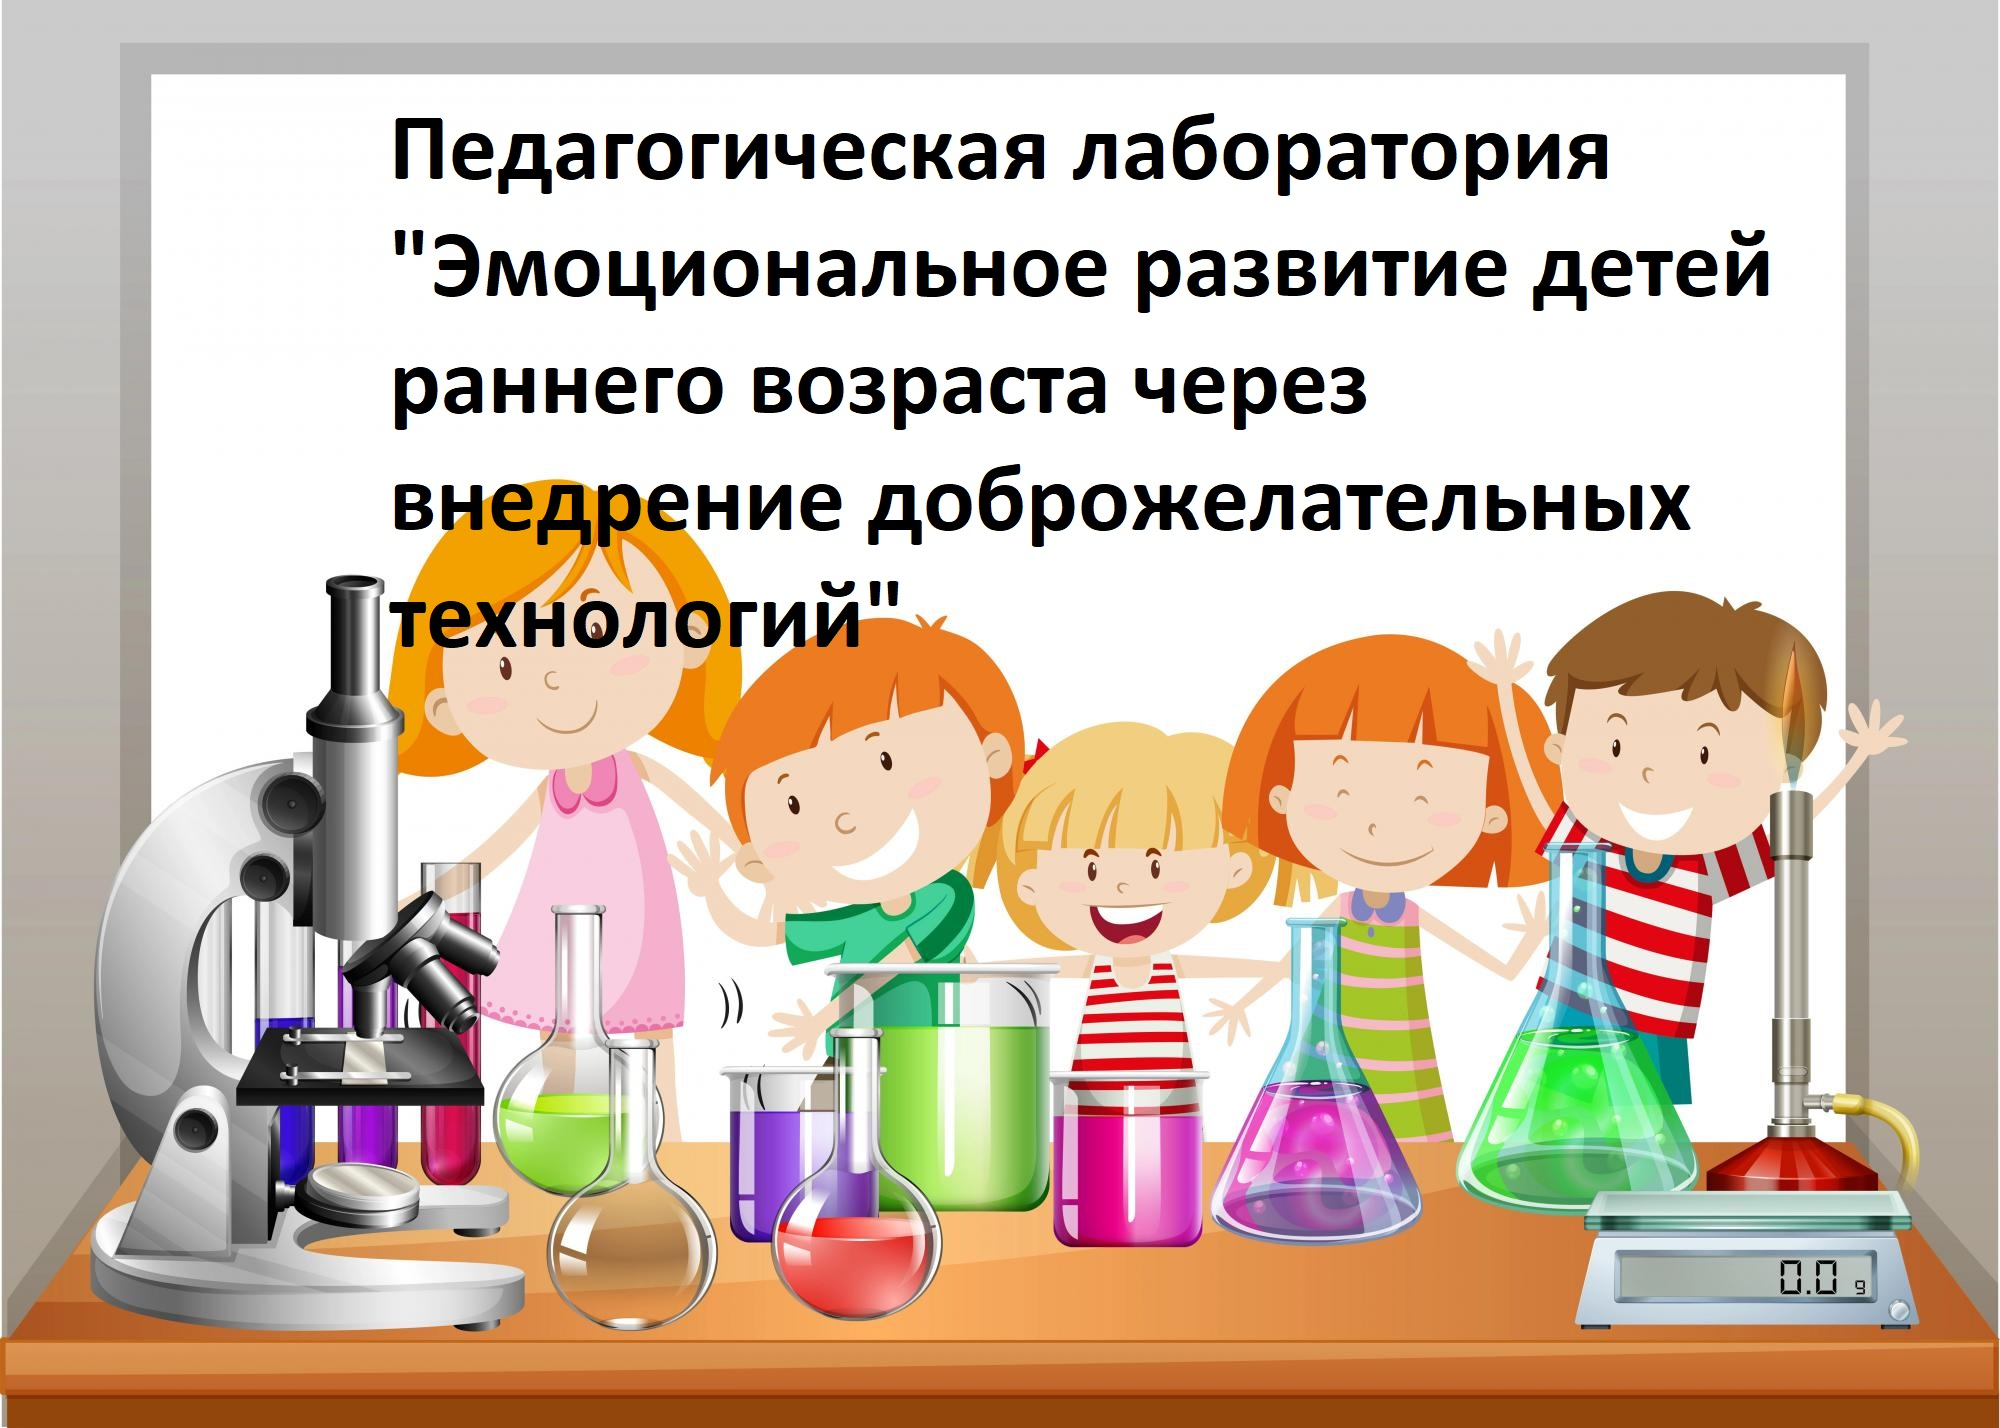 Педагогическая лаборатория